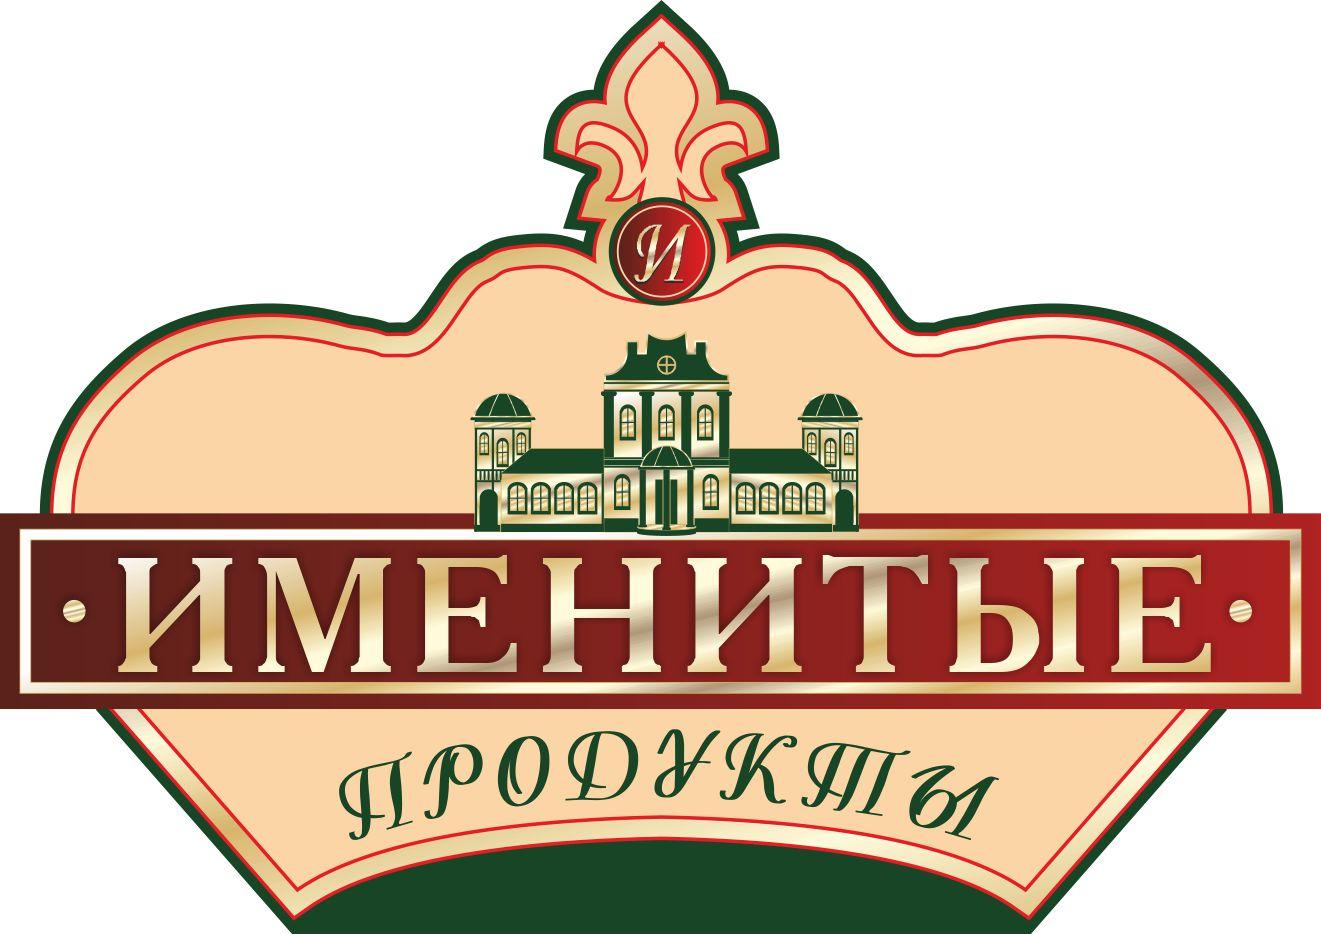 Логотип и фирменный стиль продуктов питания фото f_1995bbdb69fccbd0.jpg